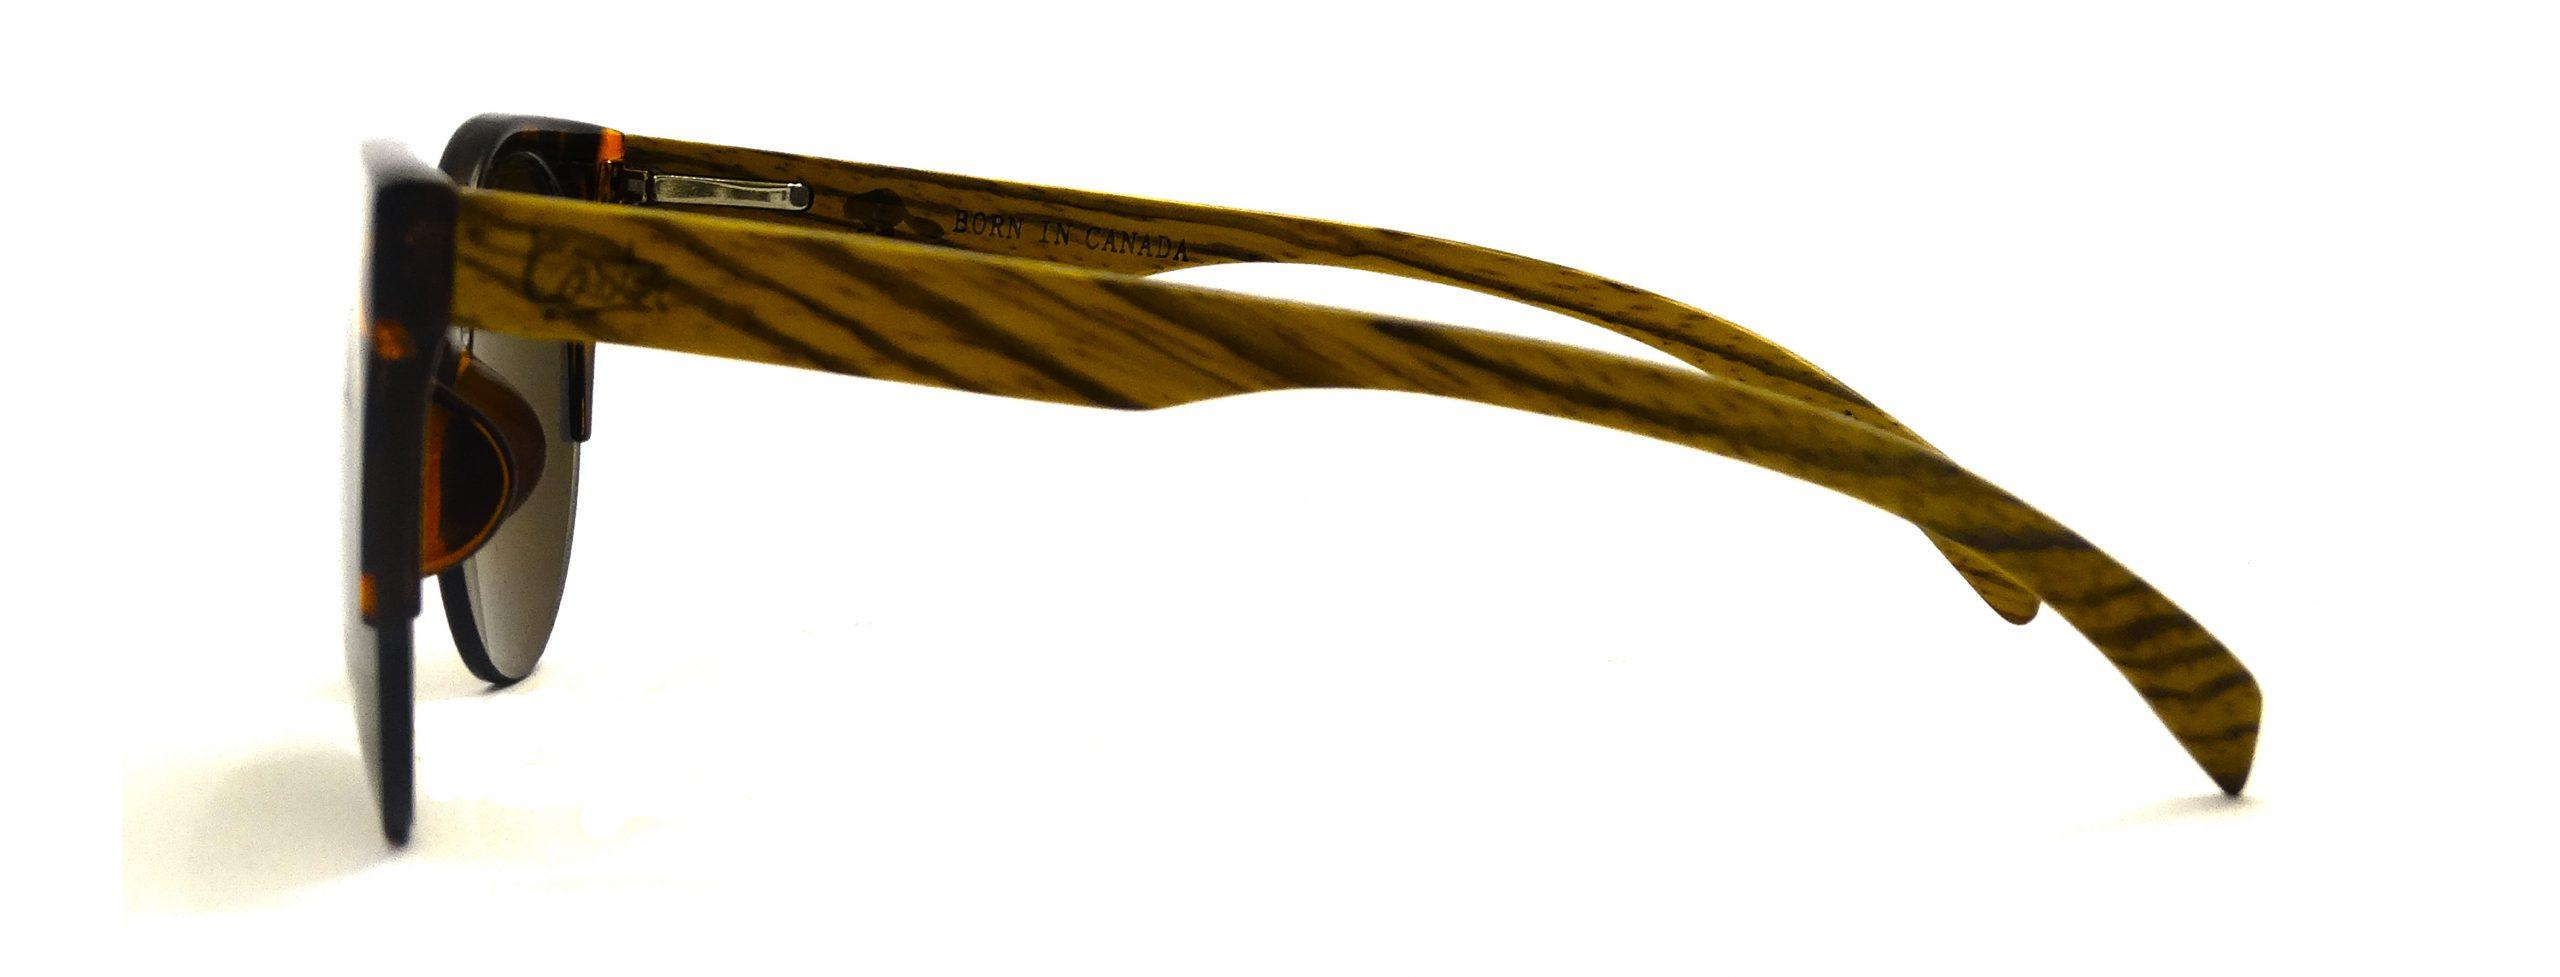 a29b9d38-58c-gafas-de-sol